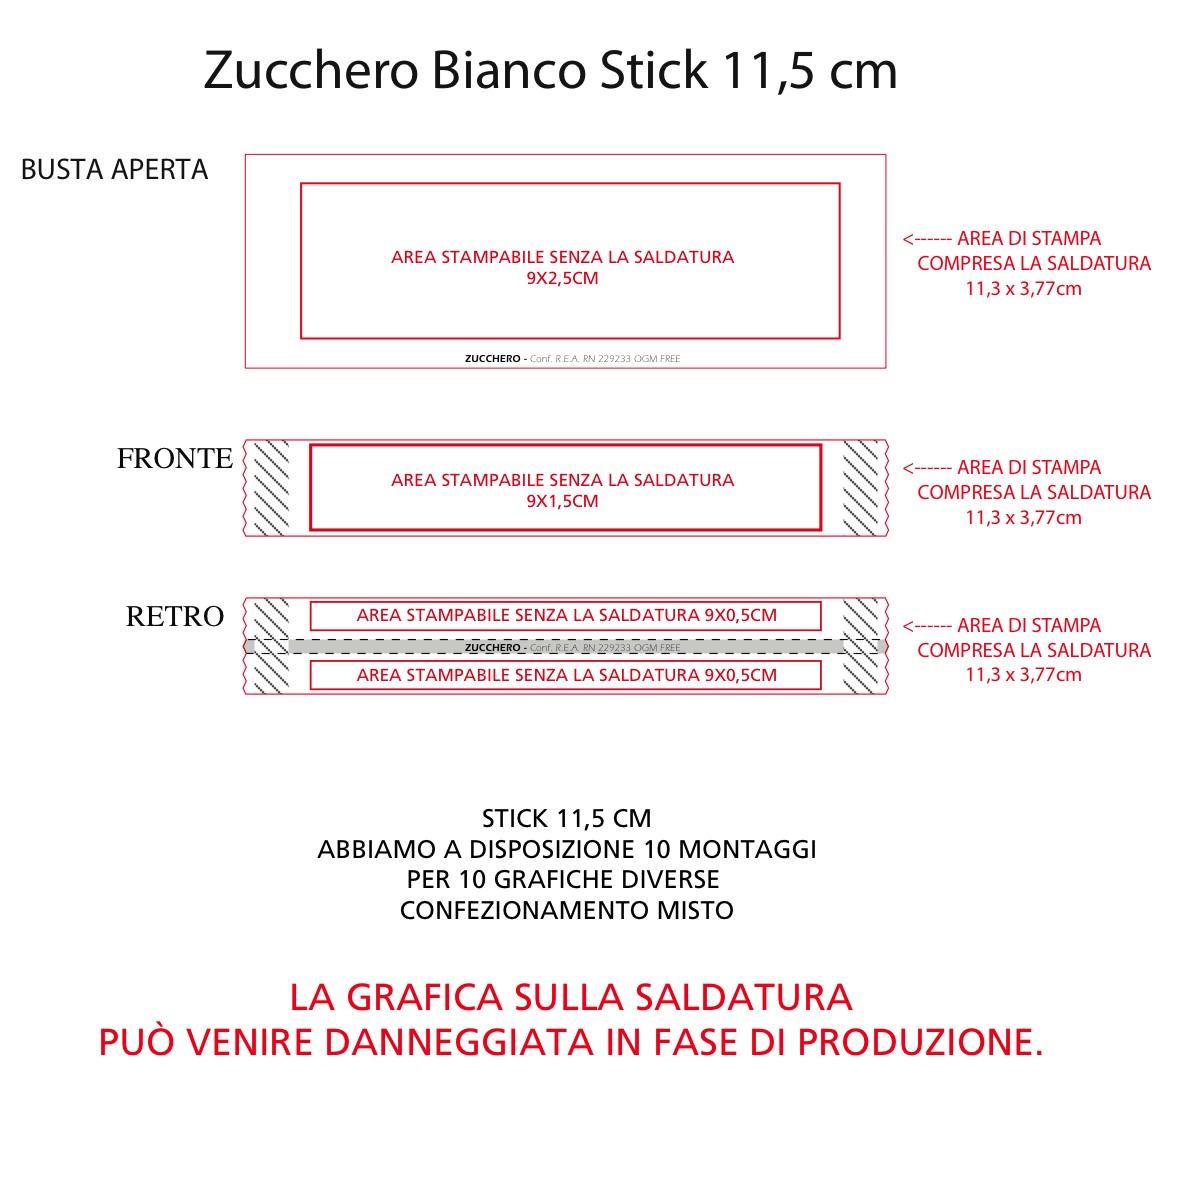 stick 11,5 cm bianco area di stampa